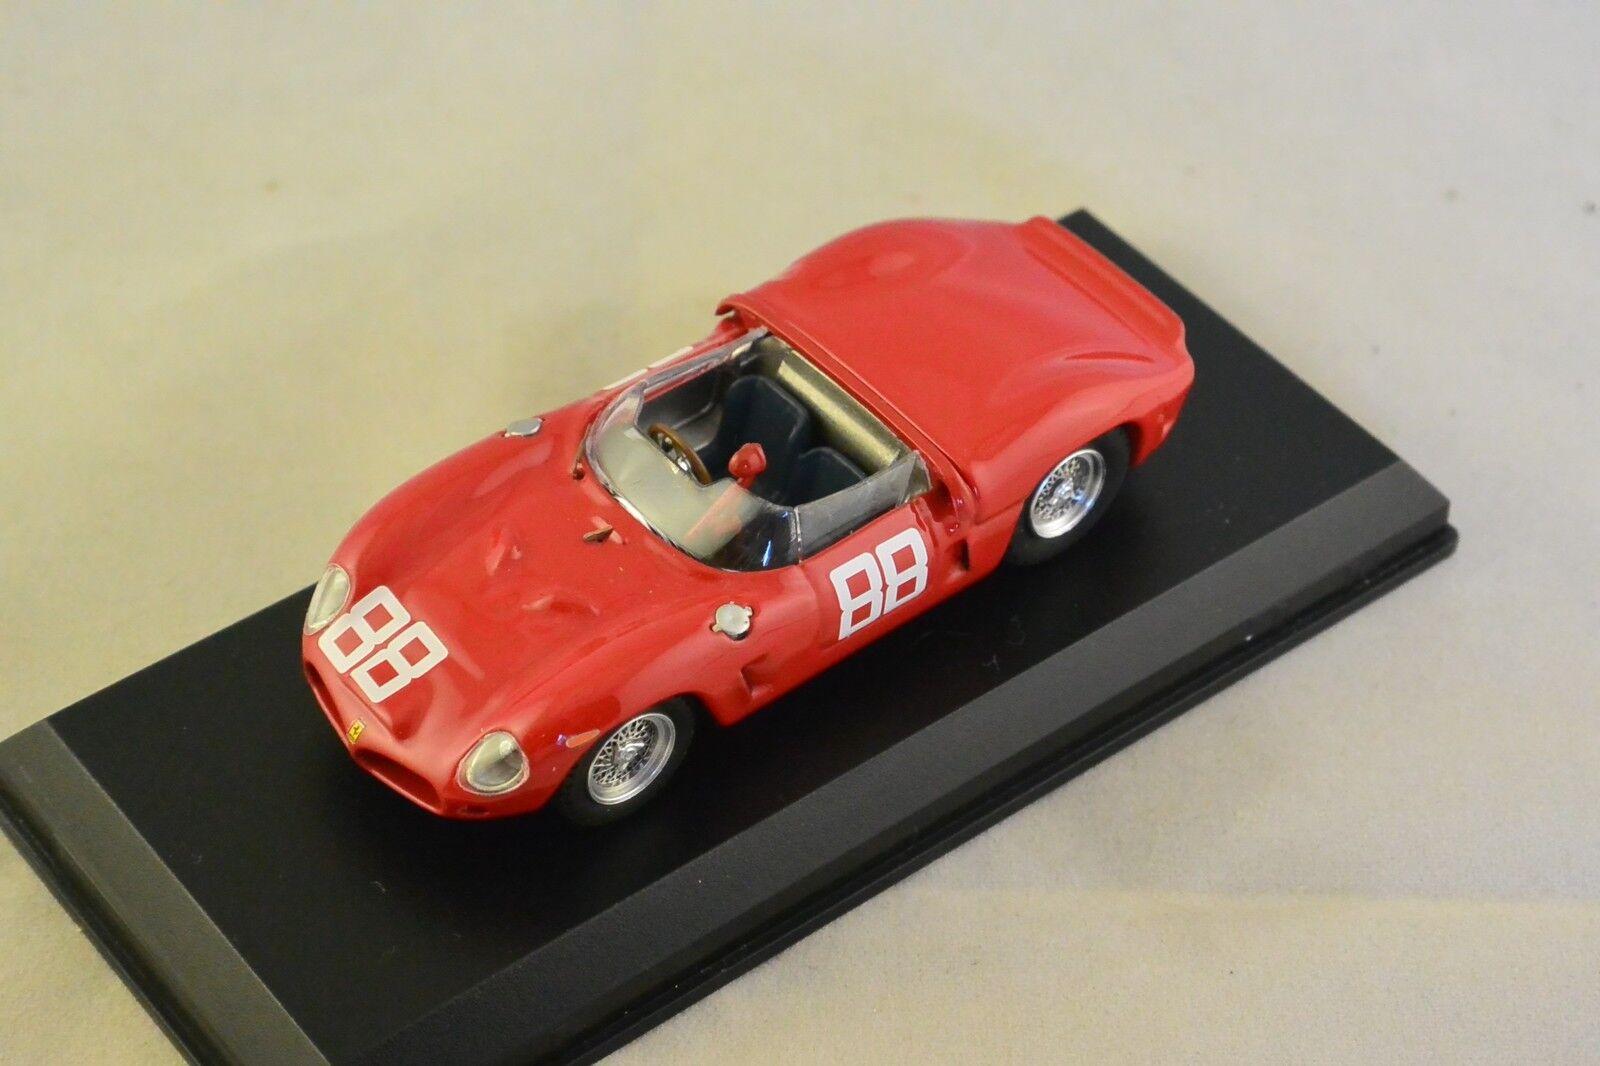 Art modellololo modellololo modellololo 271 - Ferrari Dino 246SP  59 1er Fribourg - 1962 Sautofiotti 1 43 2fa93a